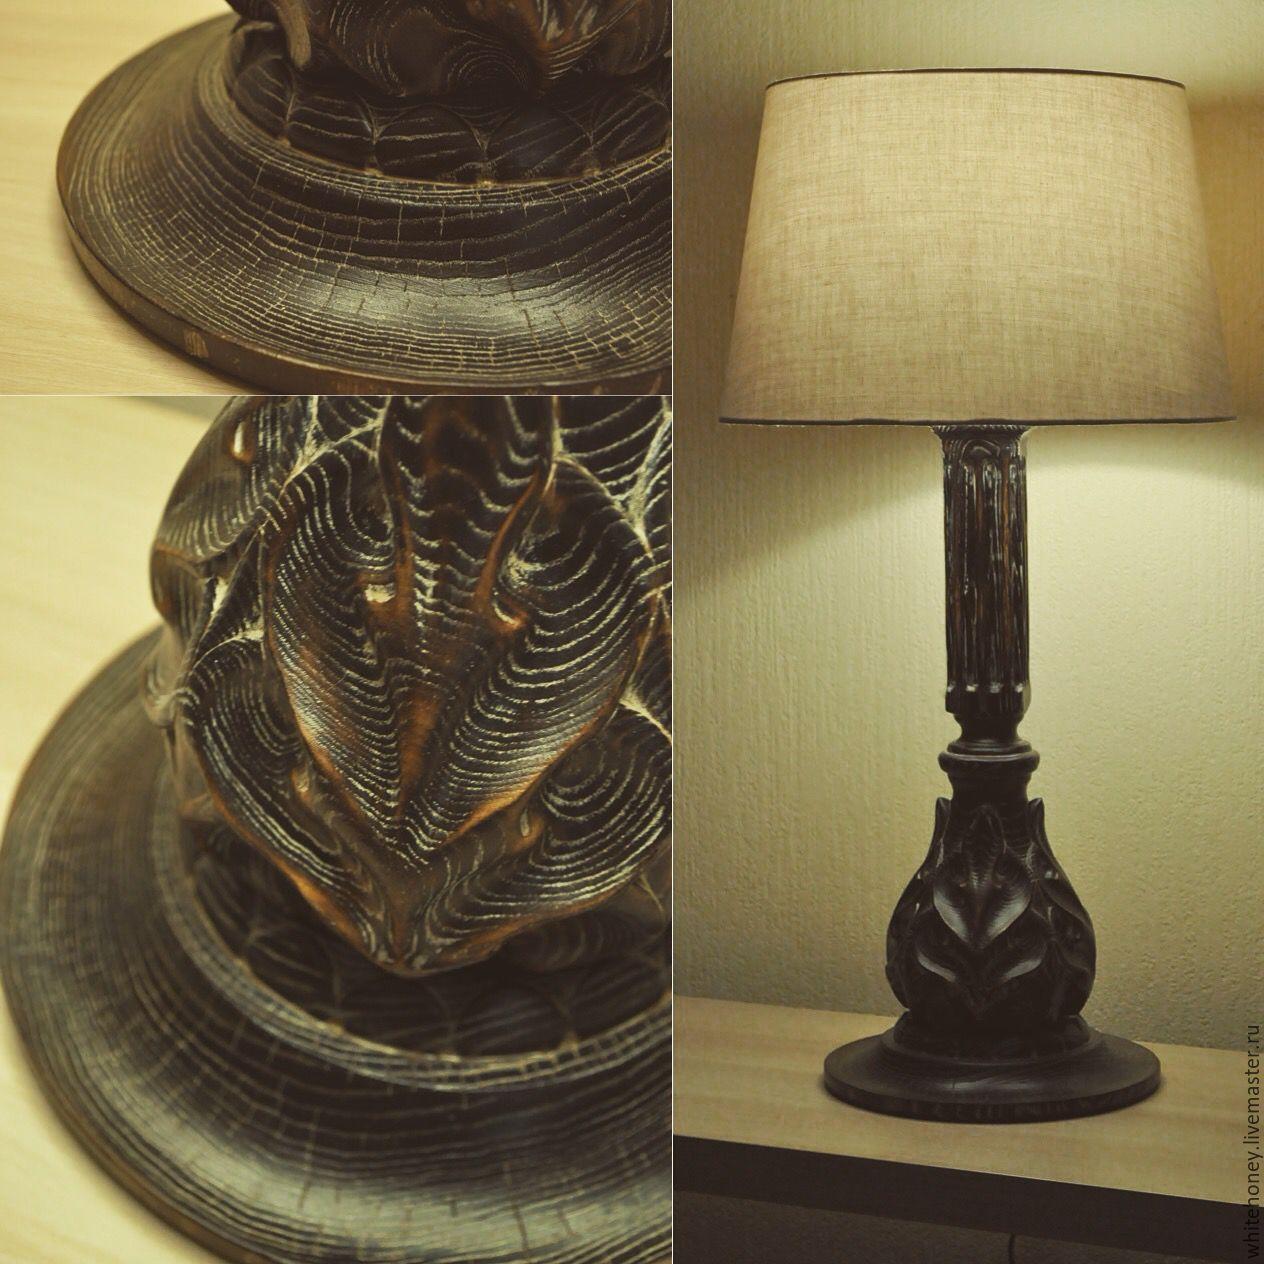 ручной работы. Ярмарка Мастеров - ручная работа. Купить Лампа настольная из ясеня 1. Handmade. Предмет интерьера, лампа из дерева